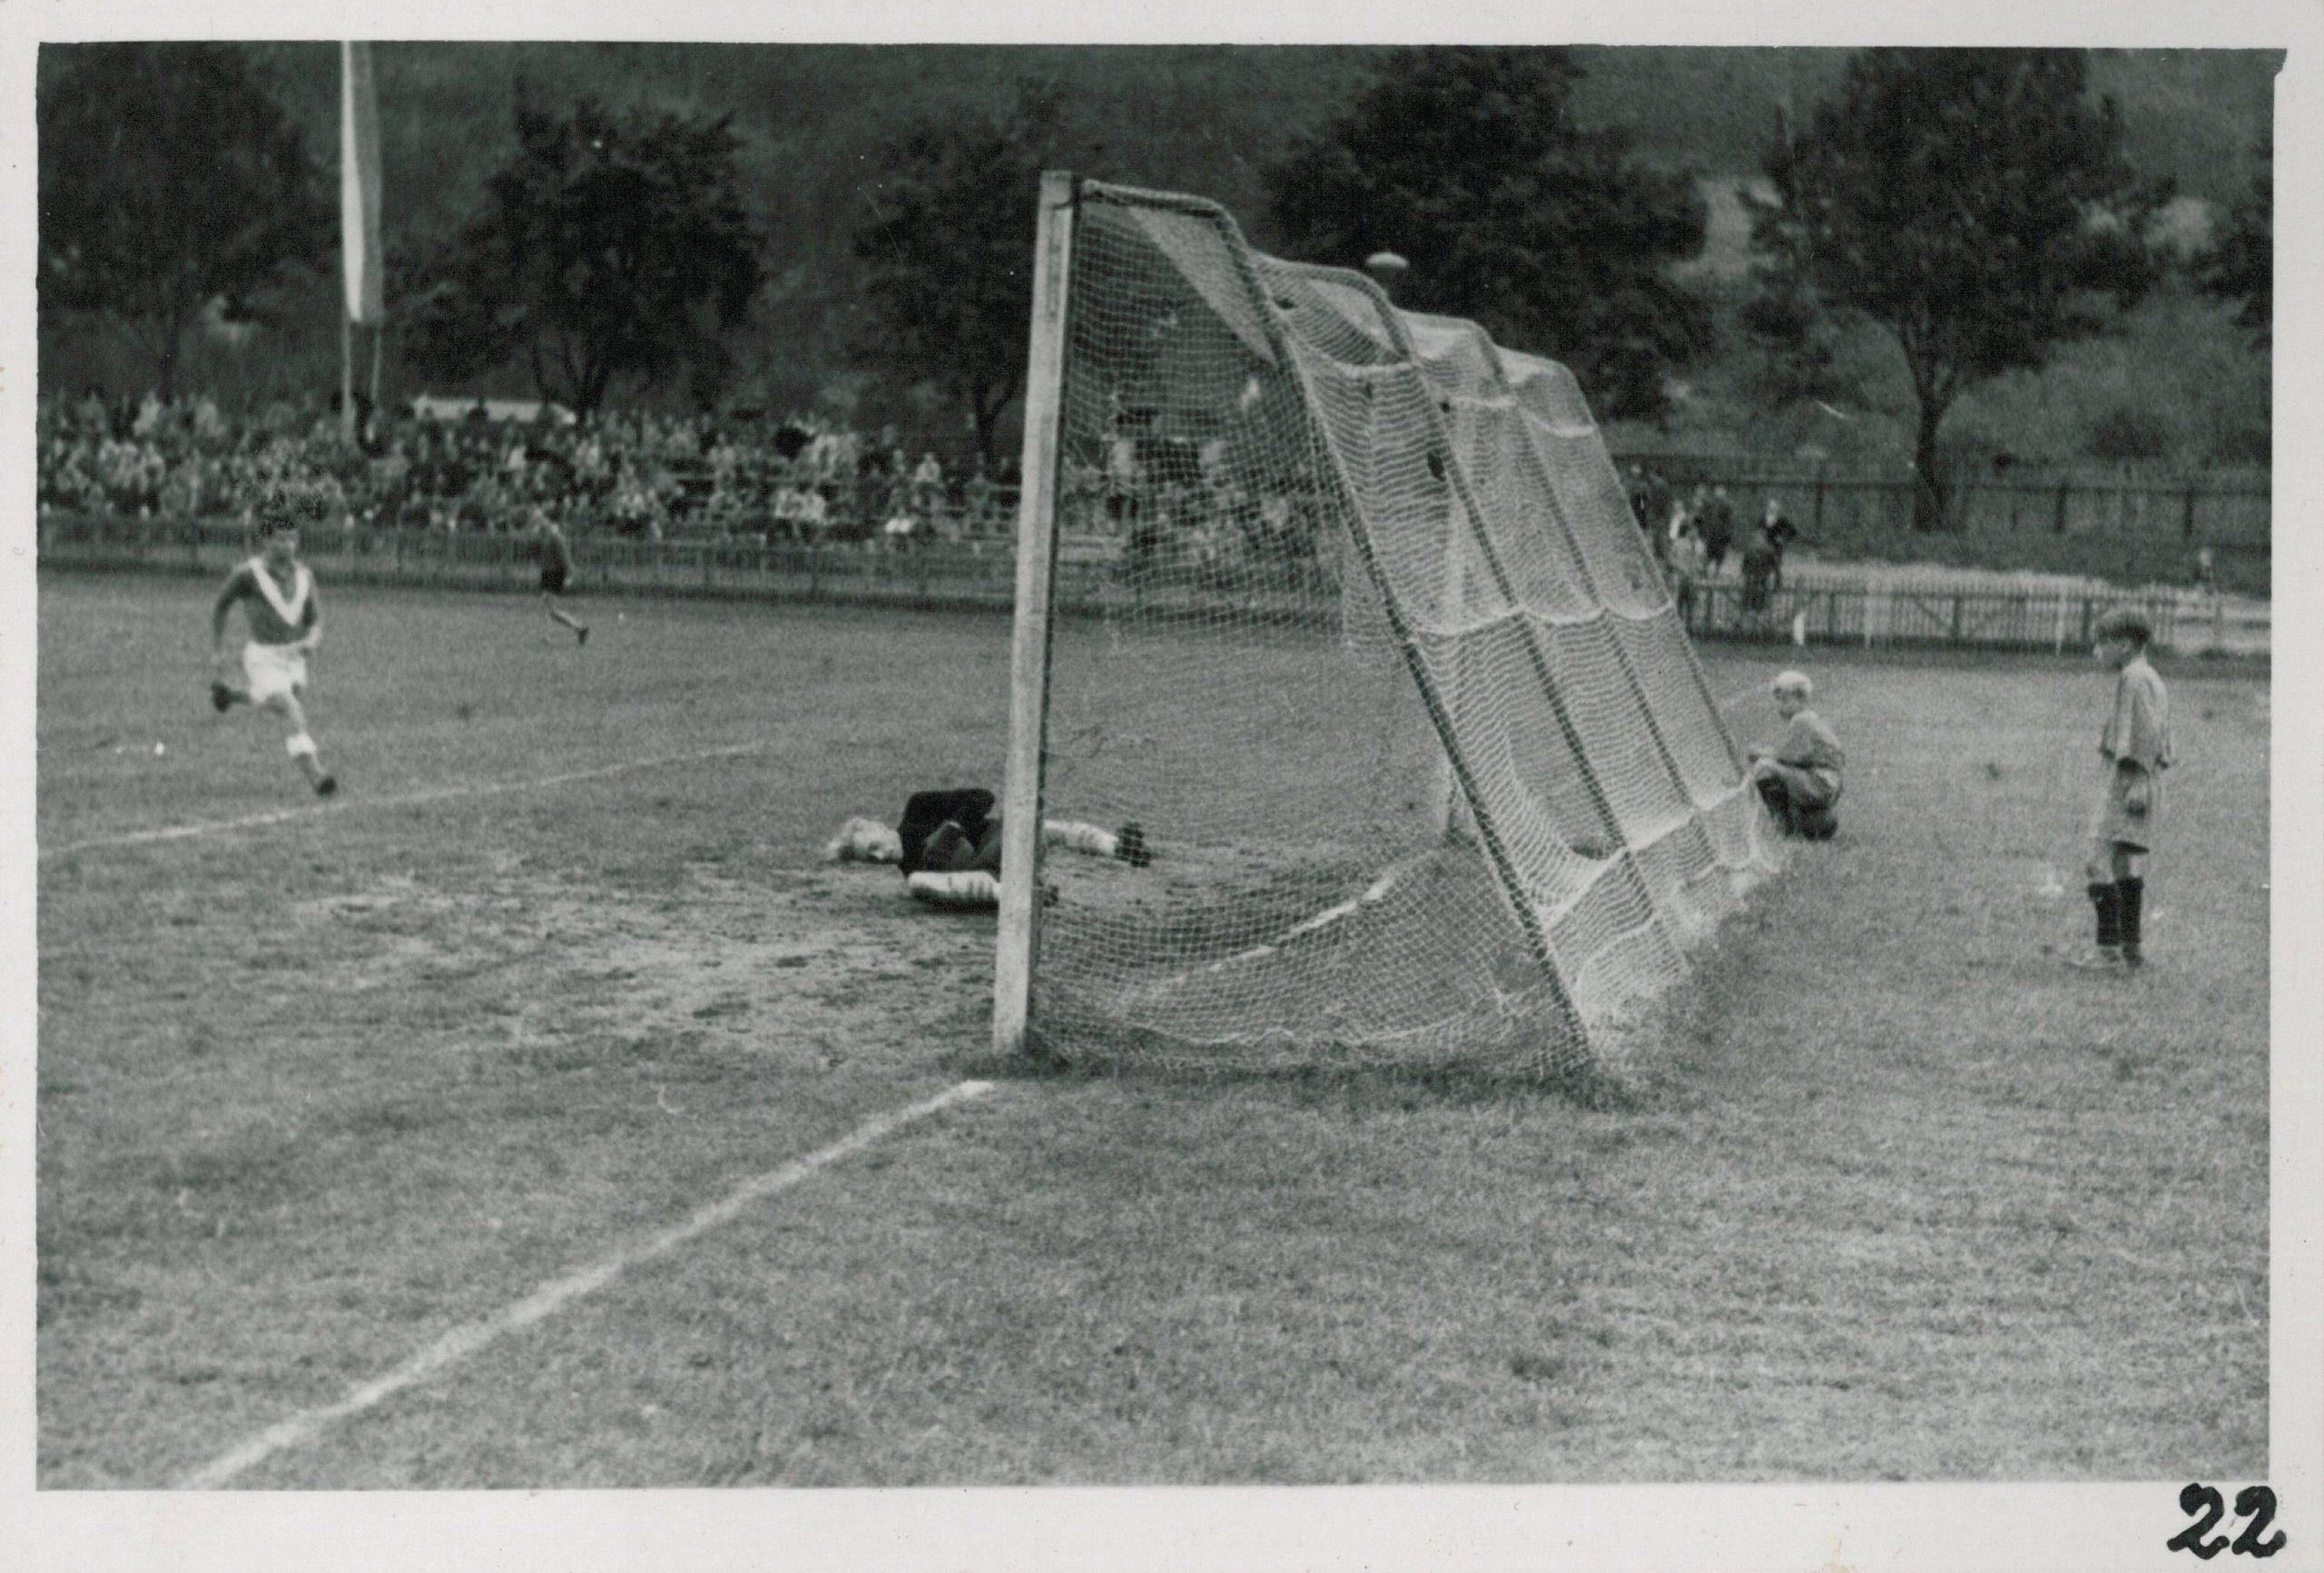 Nochmals Zur Internationalen Sportwoche 1948